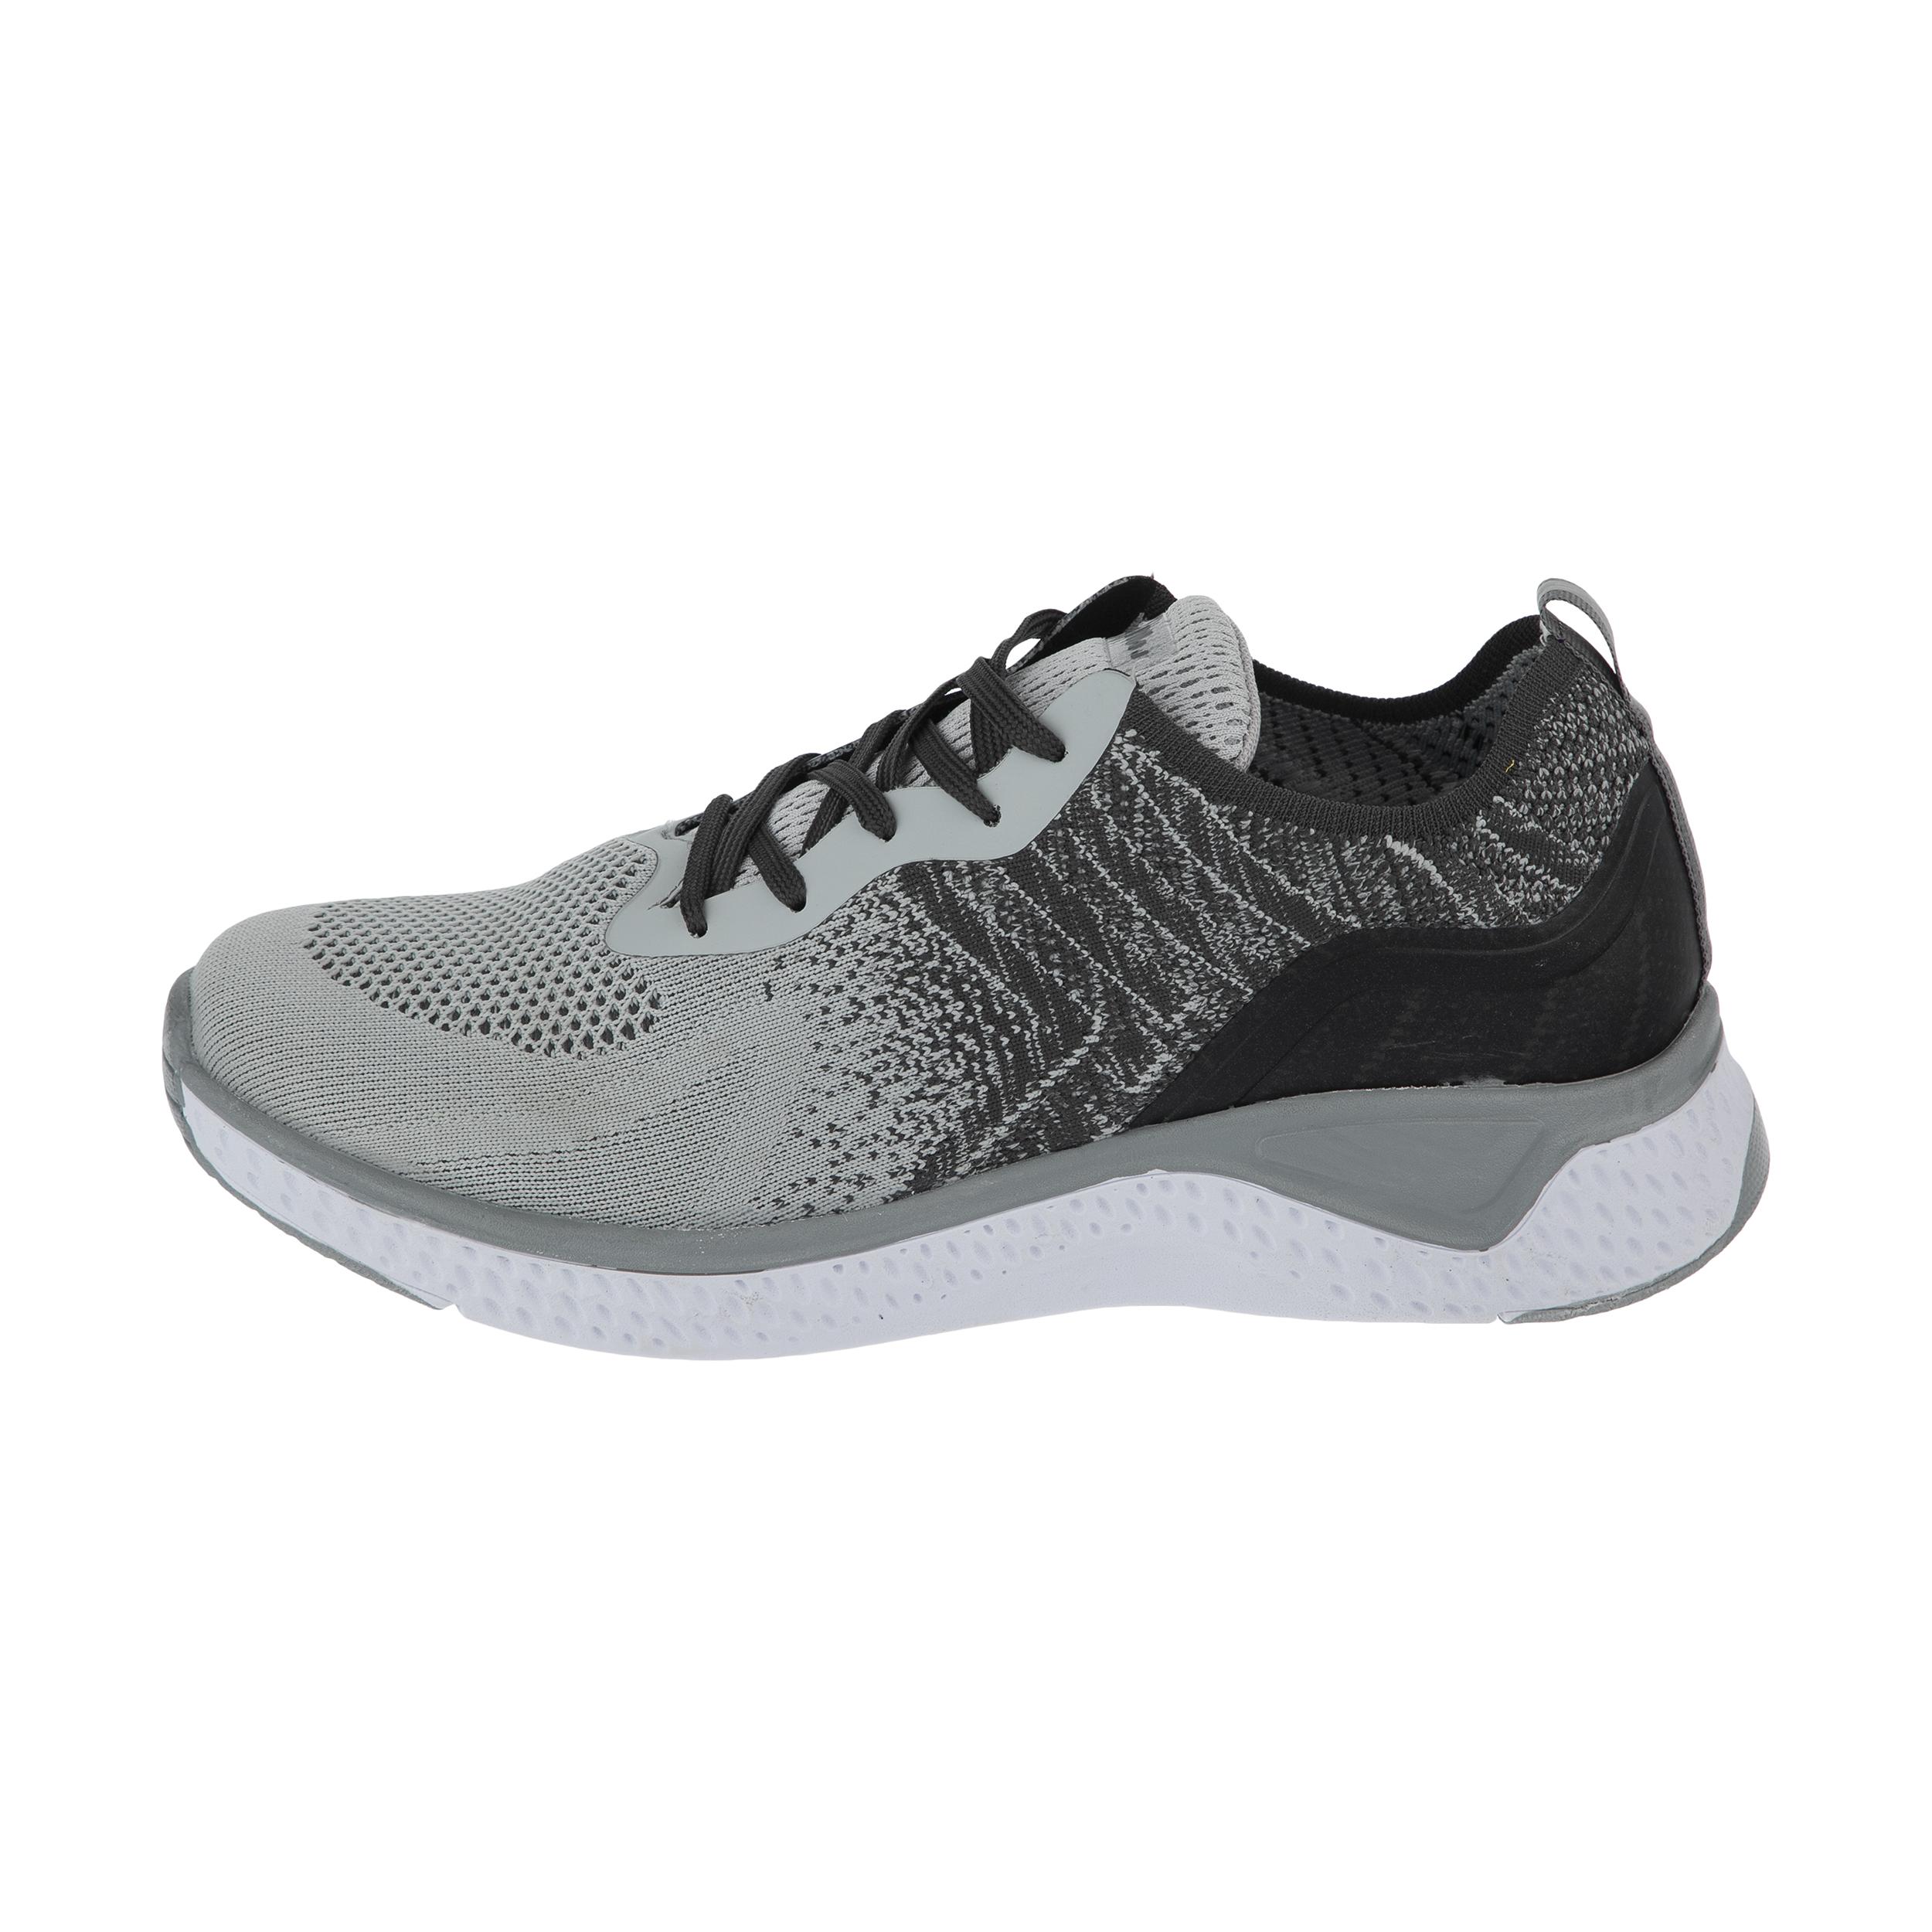 کفش پیاده روی مردانه مل اند موژ مدل 1020-22-101